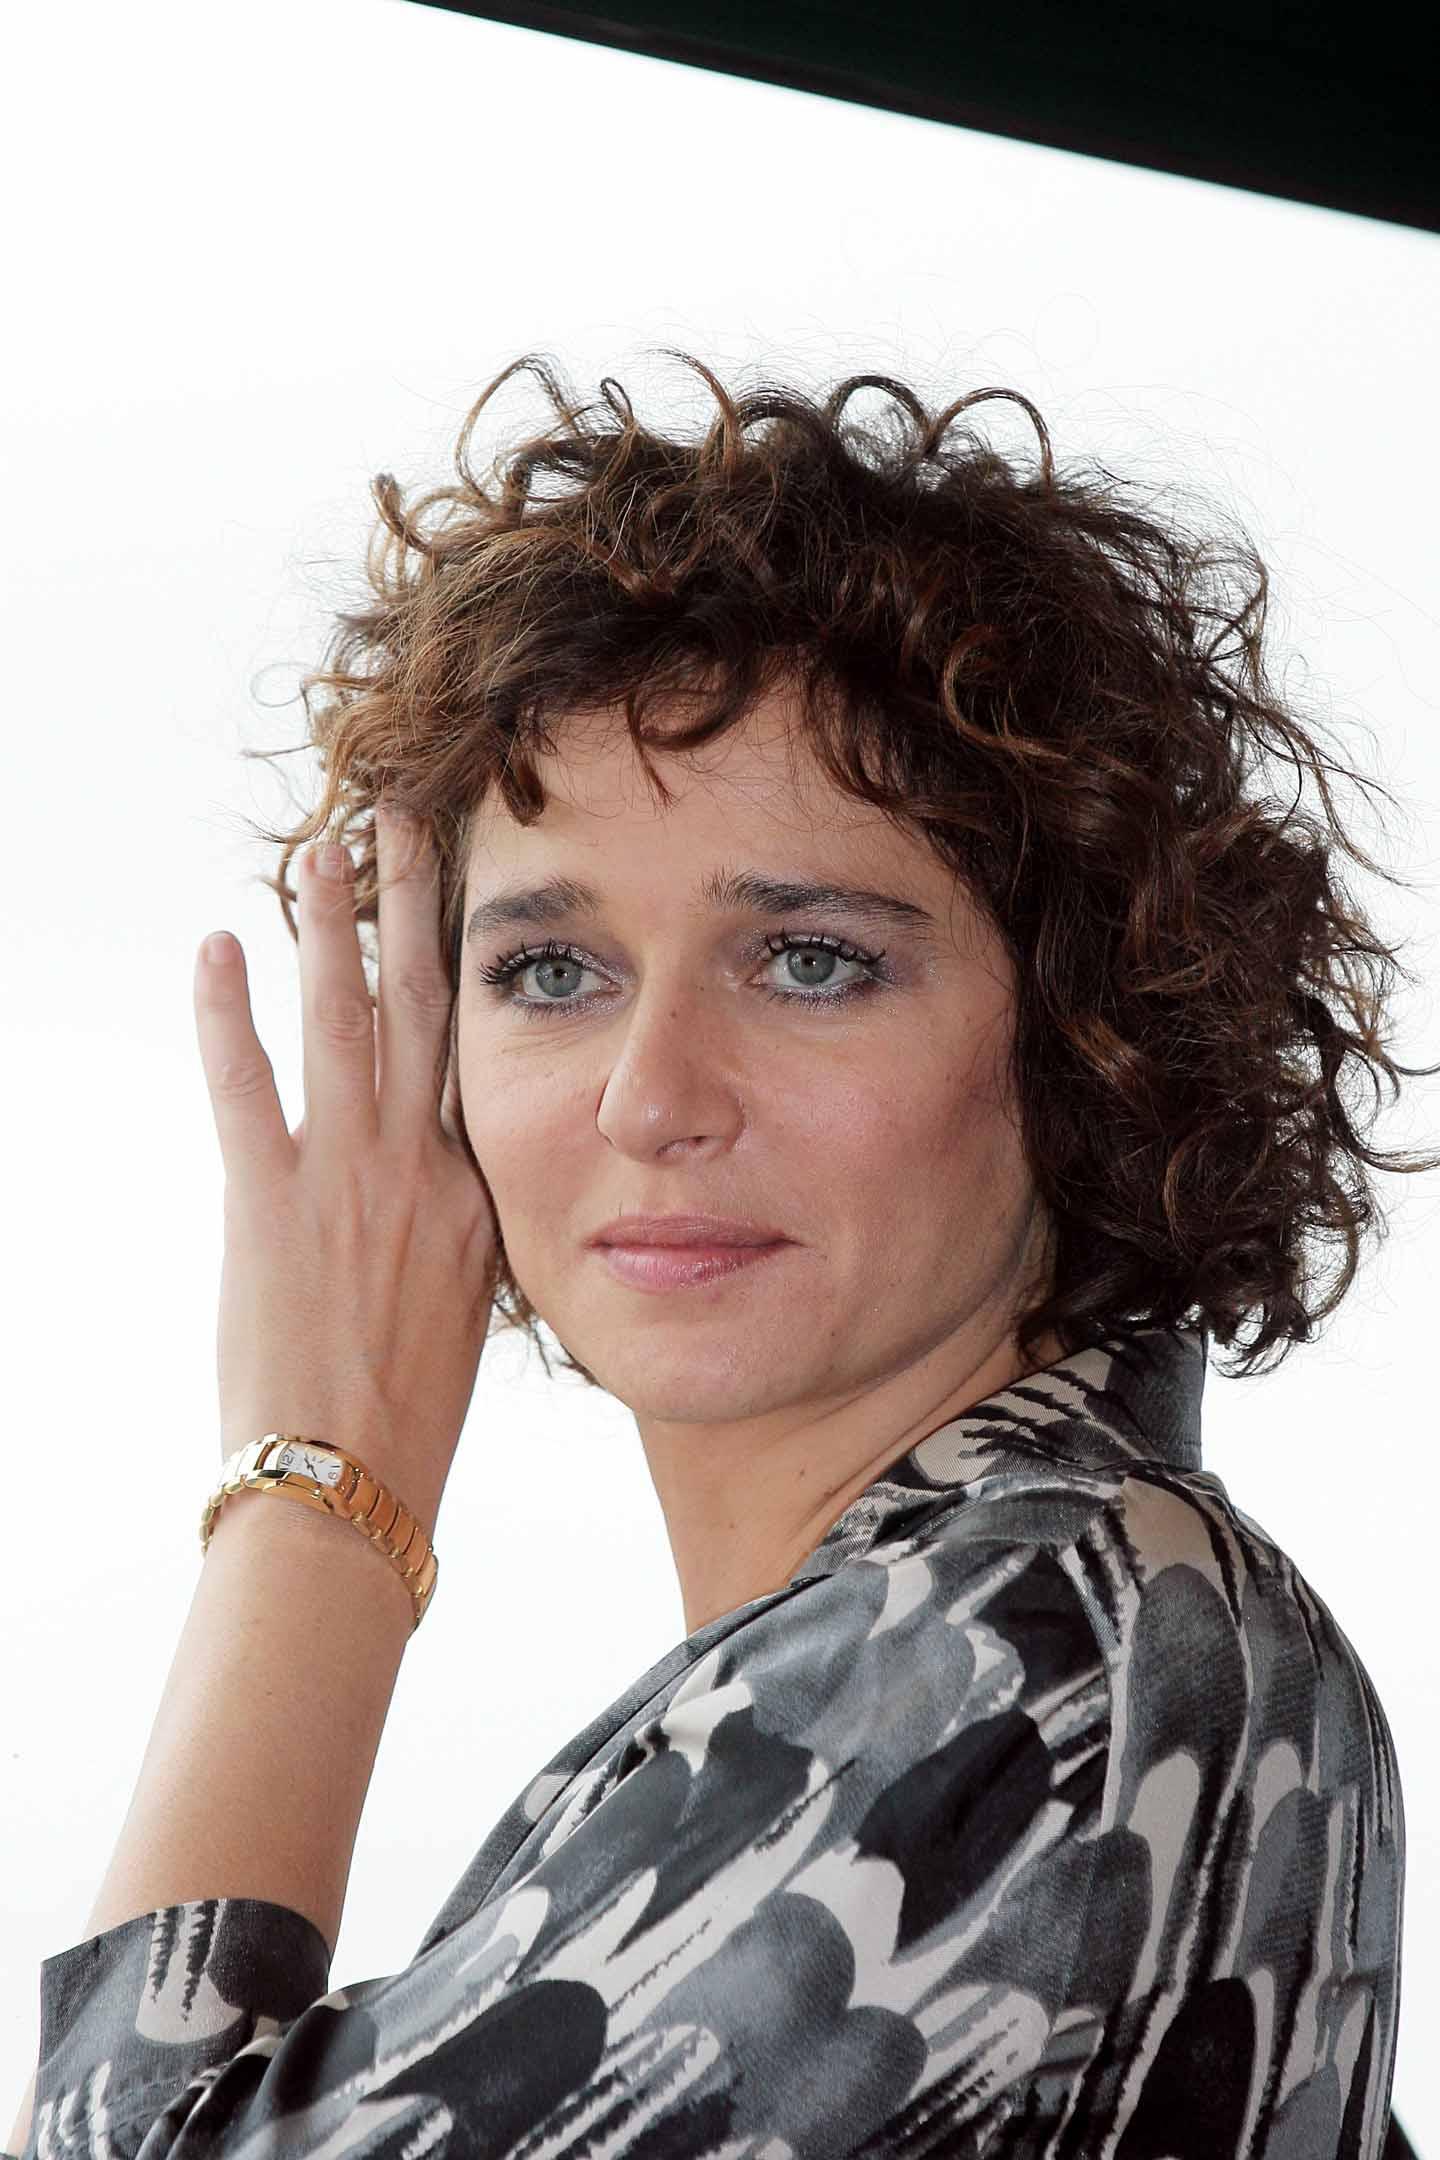 Valeria golino non esce la sera perch torna in carcere - Valeria allo specchio ...